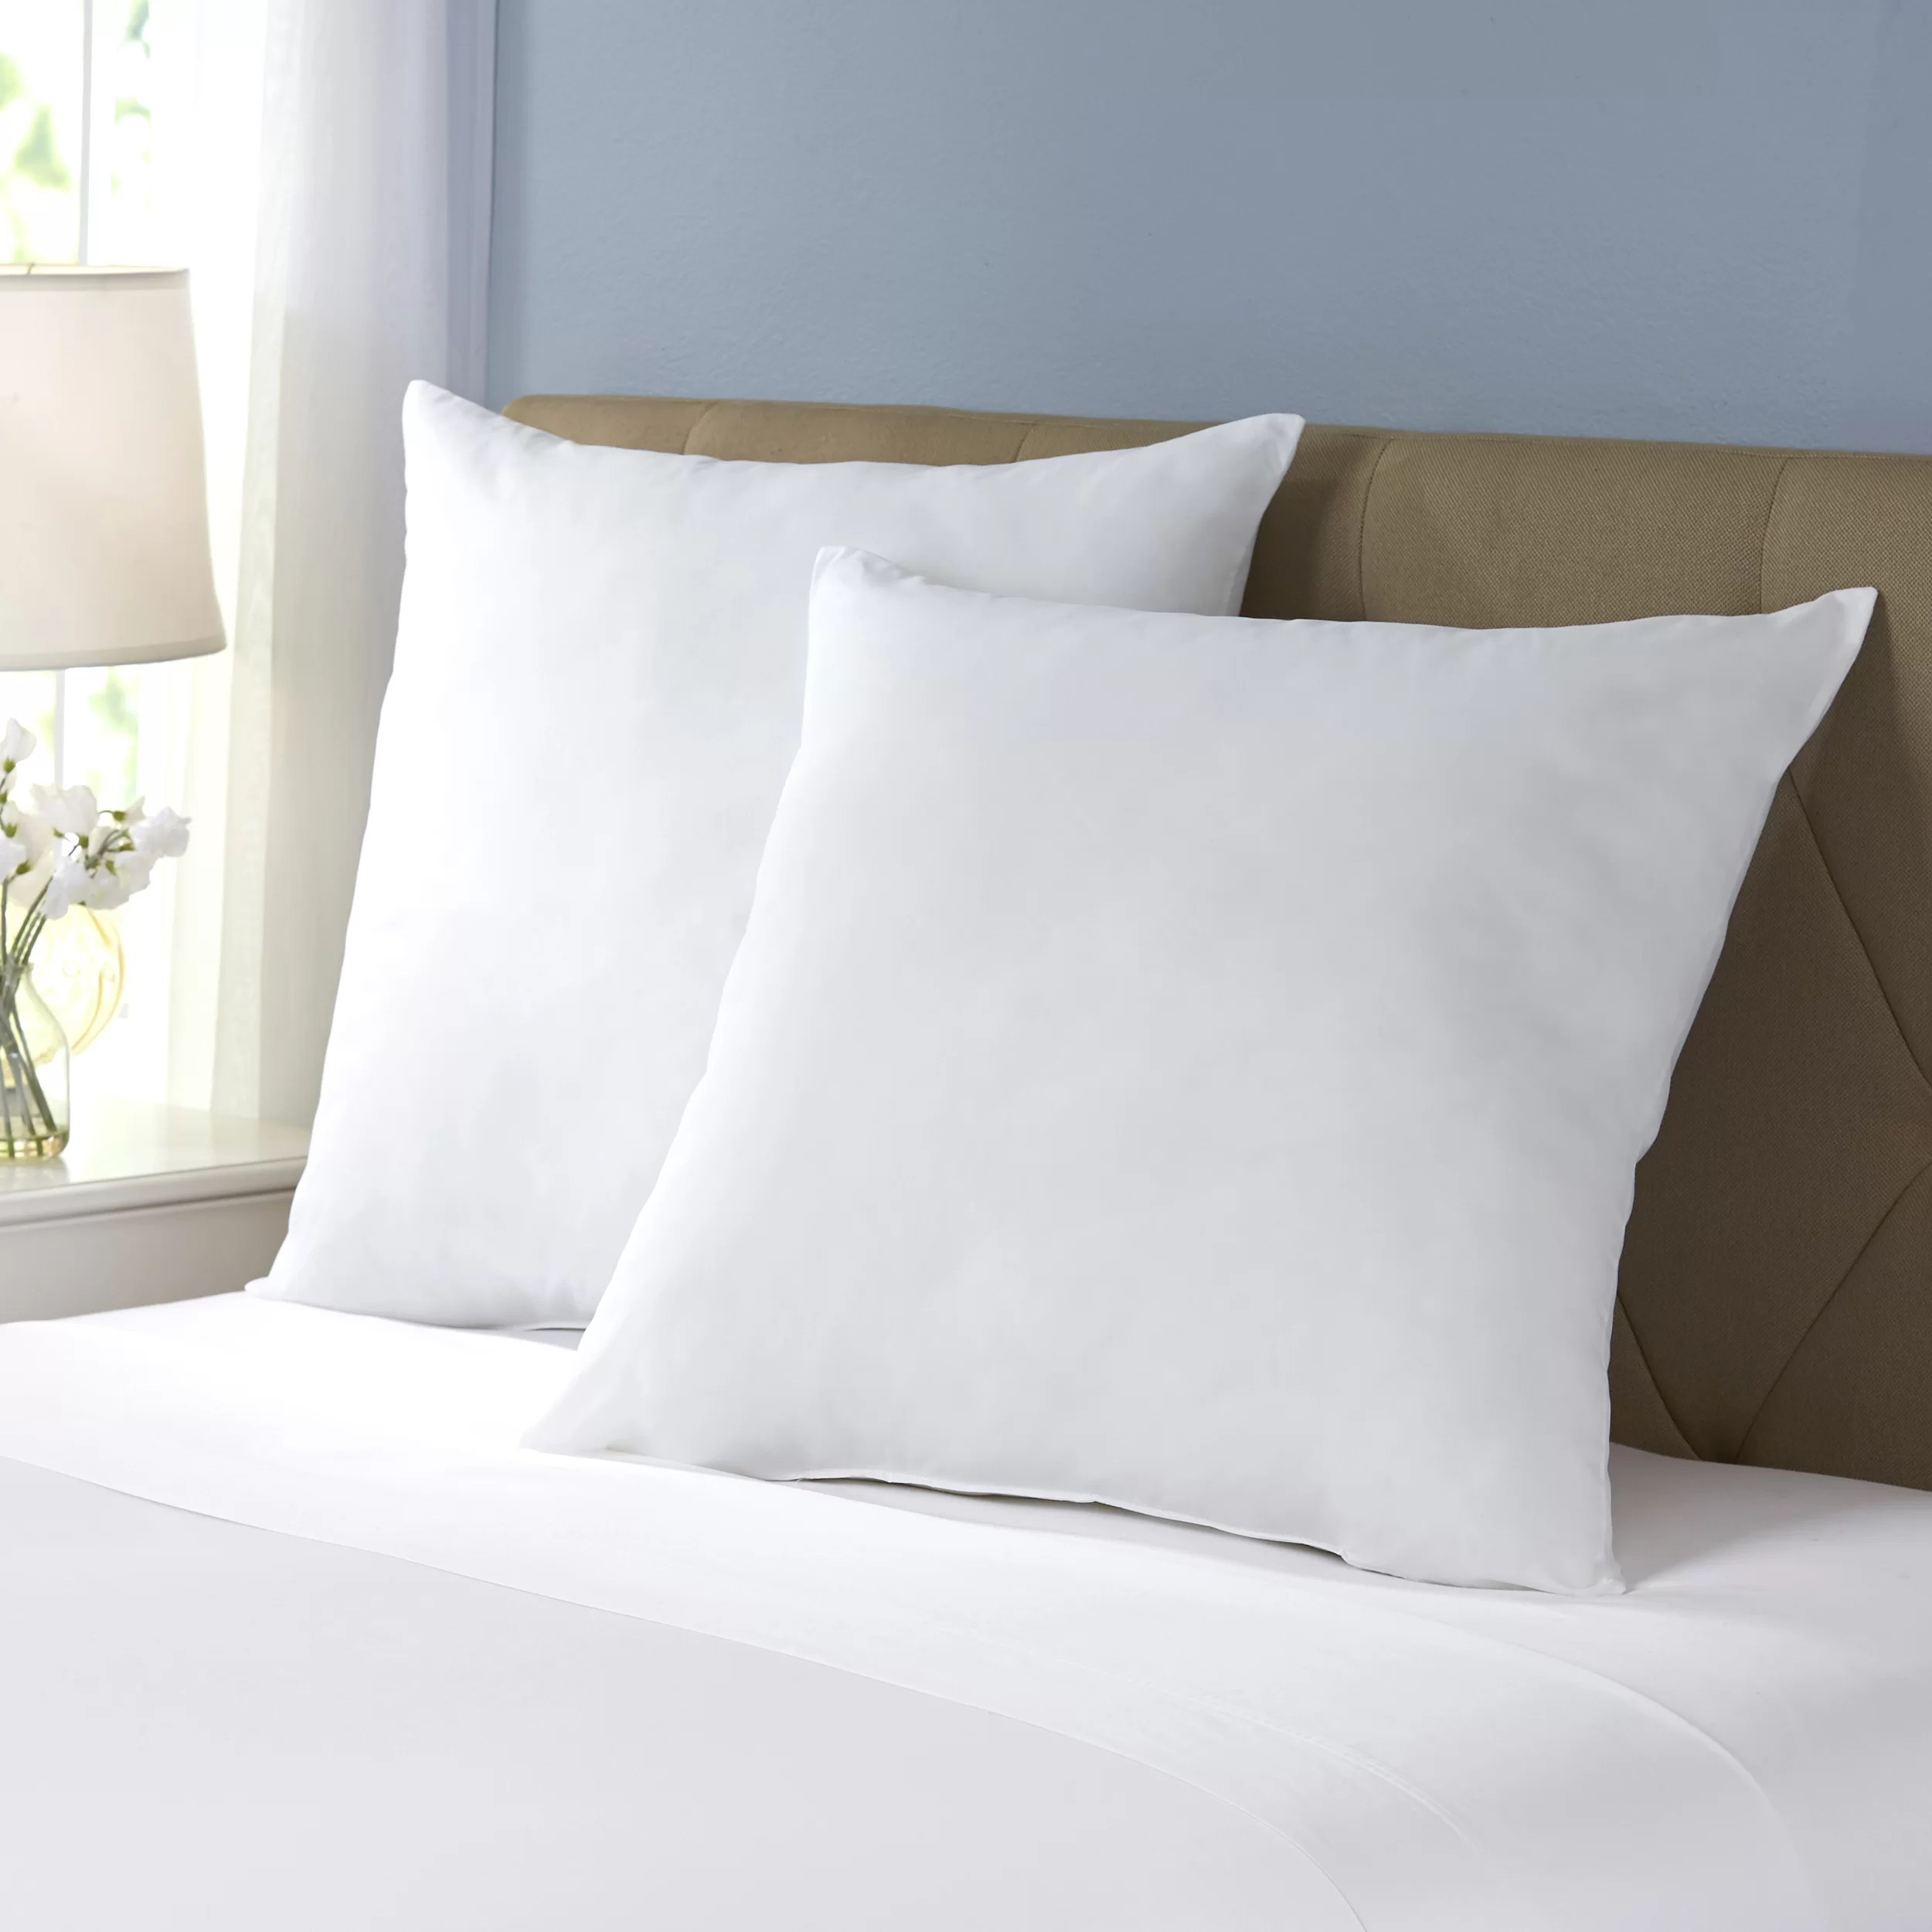 euro pillows free shipping over 35